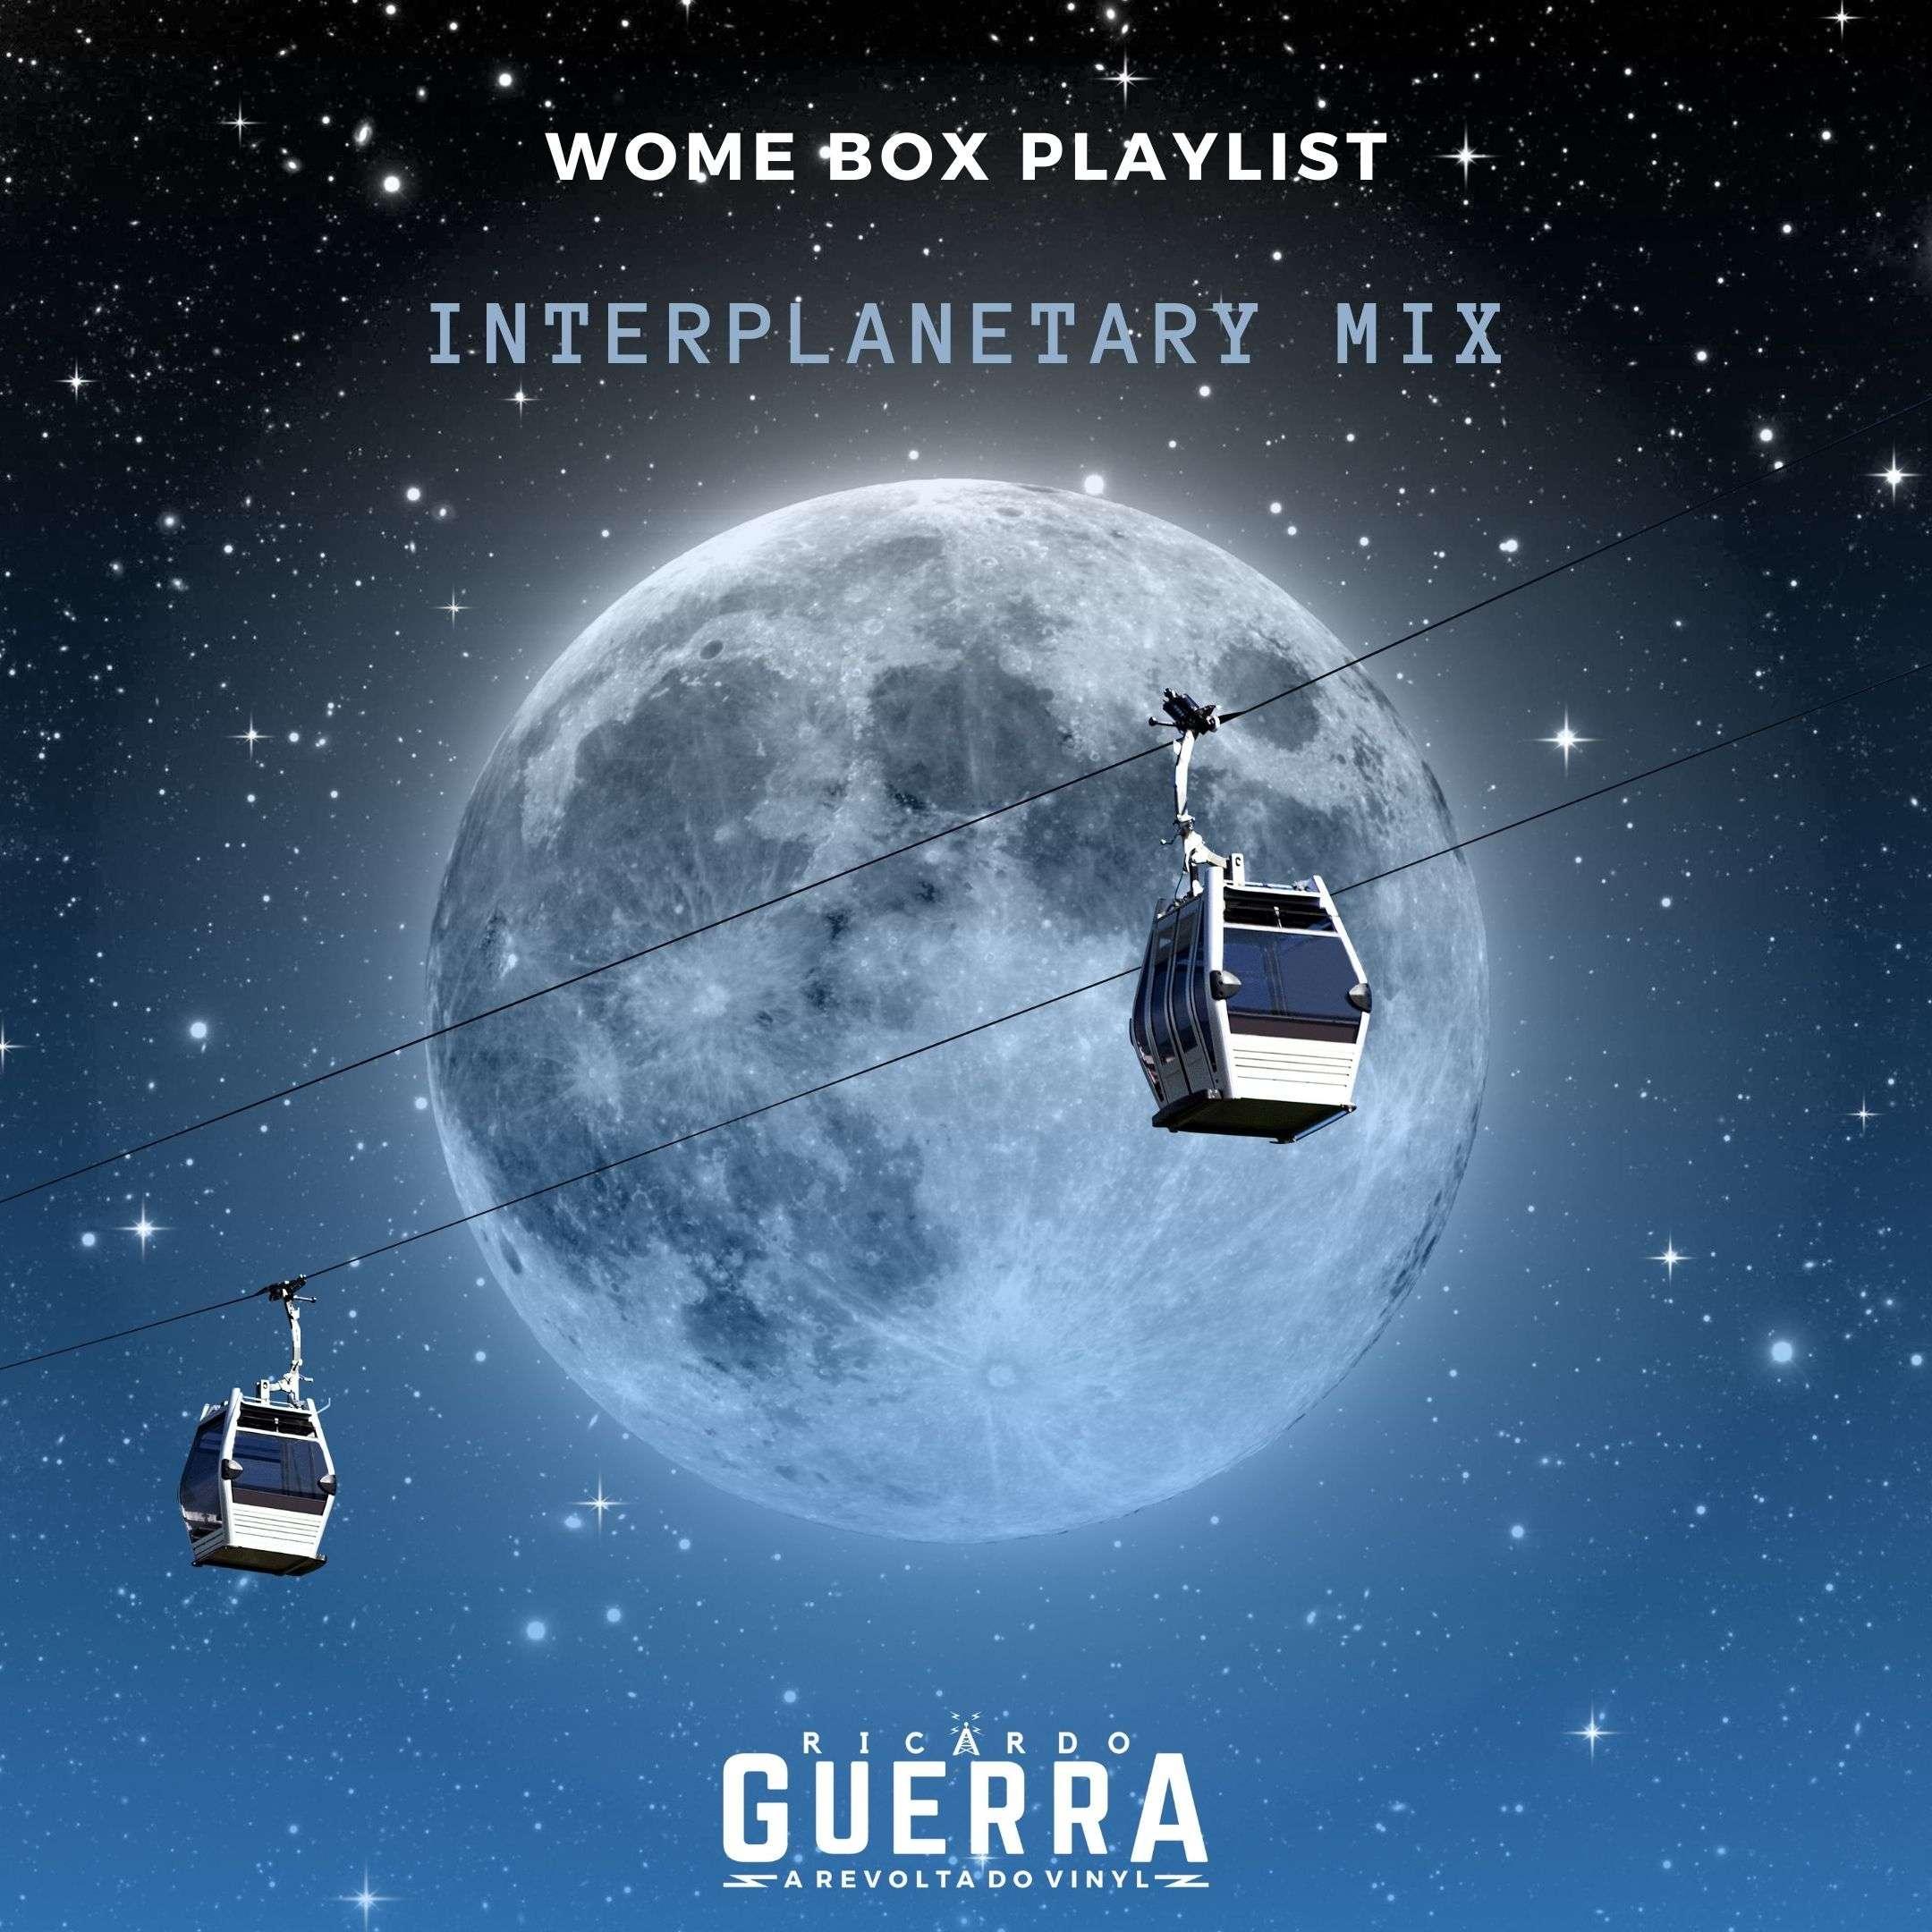 WOME BOX playlist misturada pelo Ricardo Guerra para o Spotify